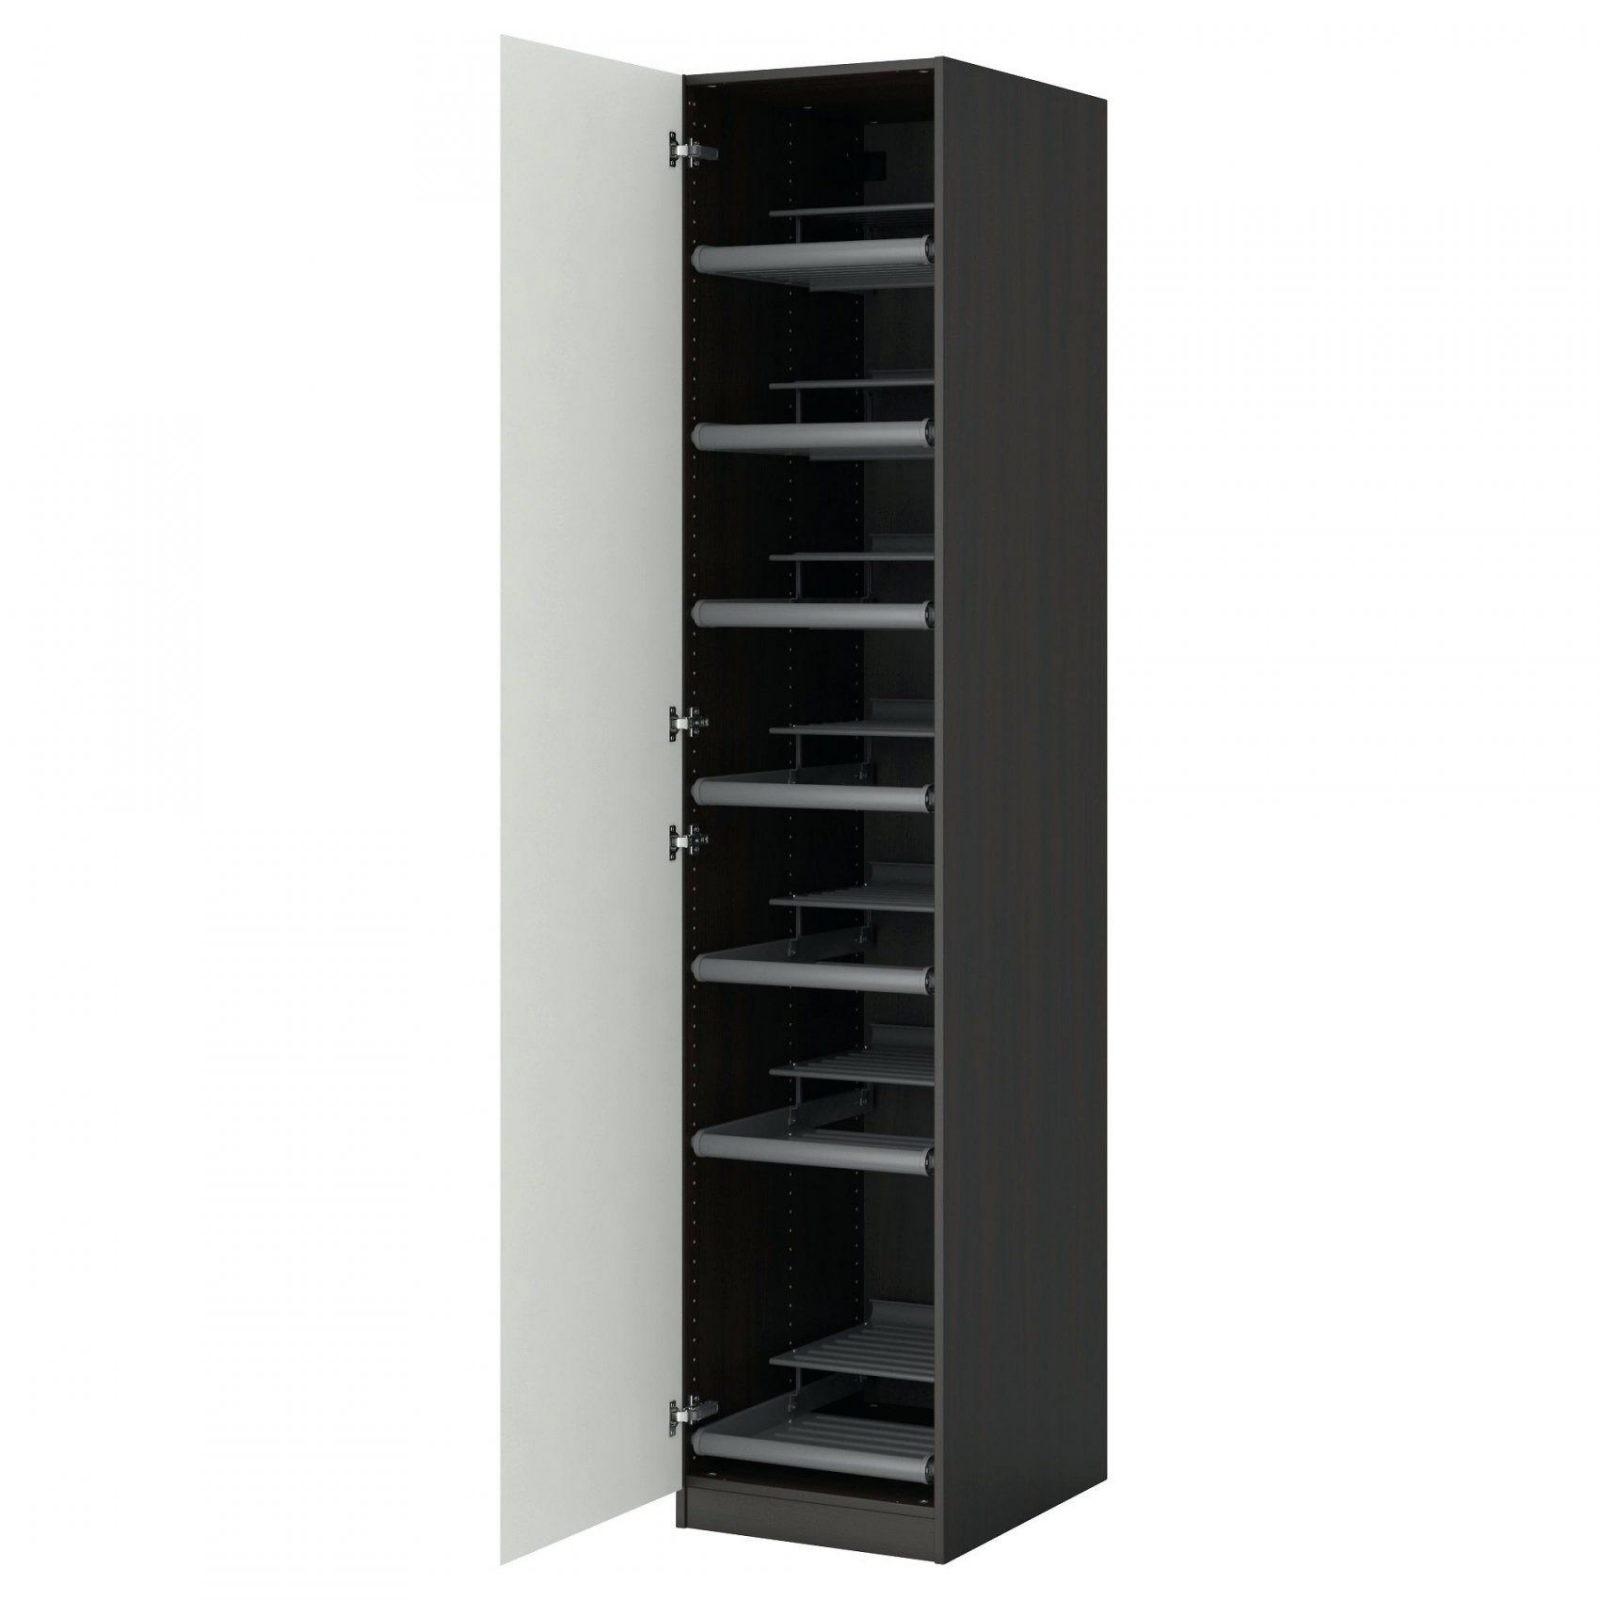 Ikea Schrank 60 Cm Breit Schlafzimmer Kommode Silijon Aus Eiche